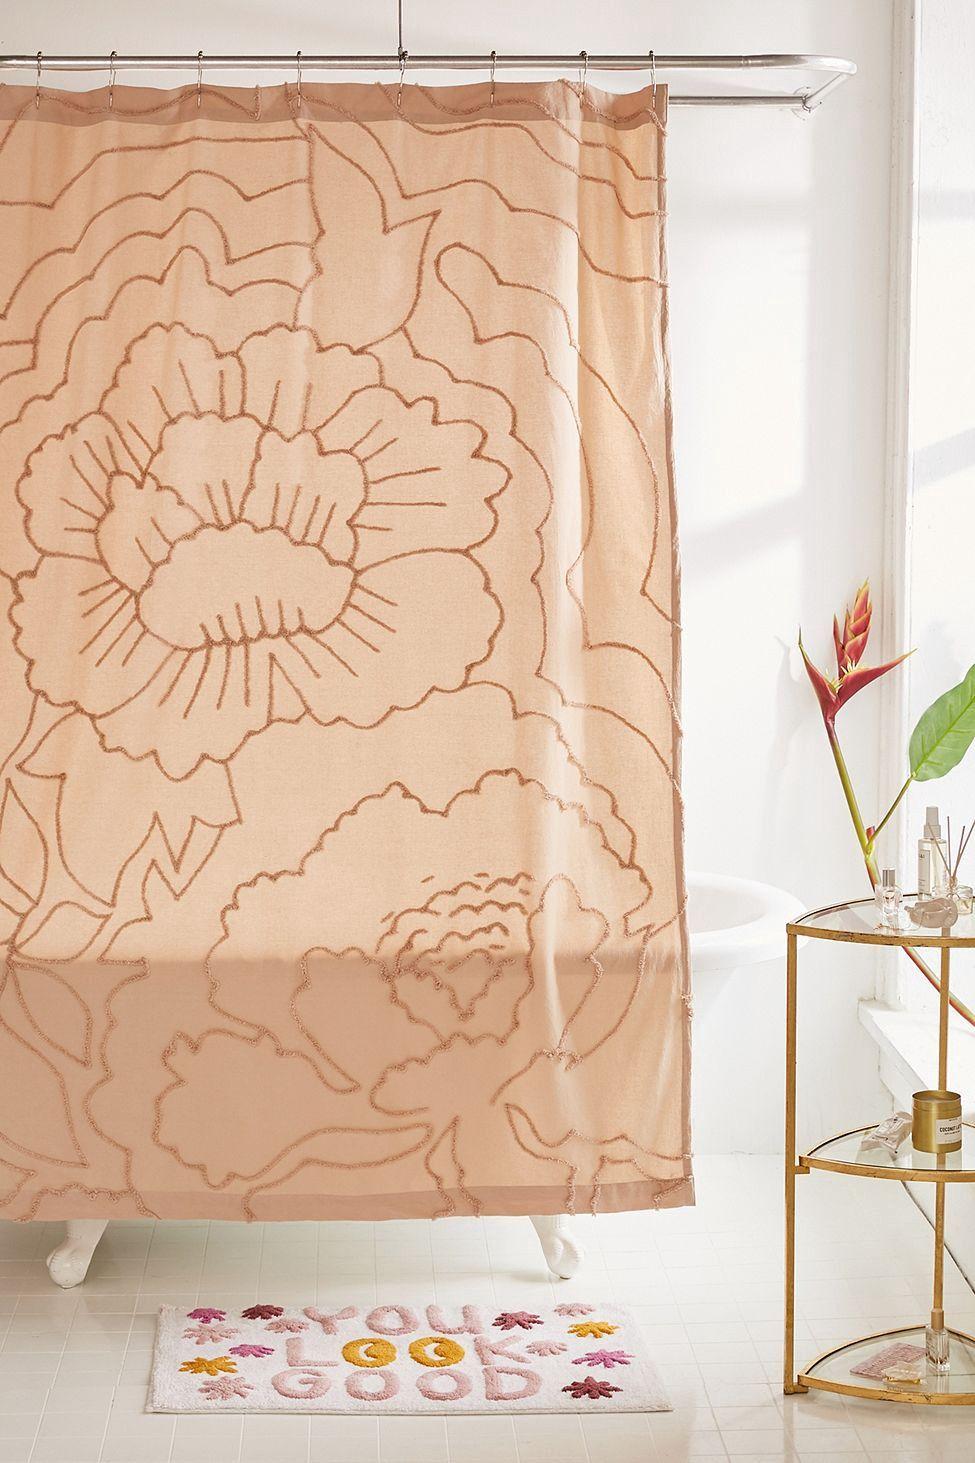 Badezimmer dekor mit duschvorhängen margot tufted floral shower curtain by urban outfitters  blooming